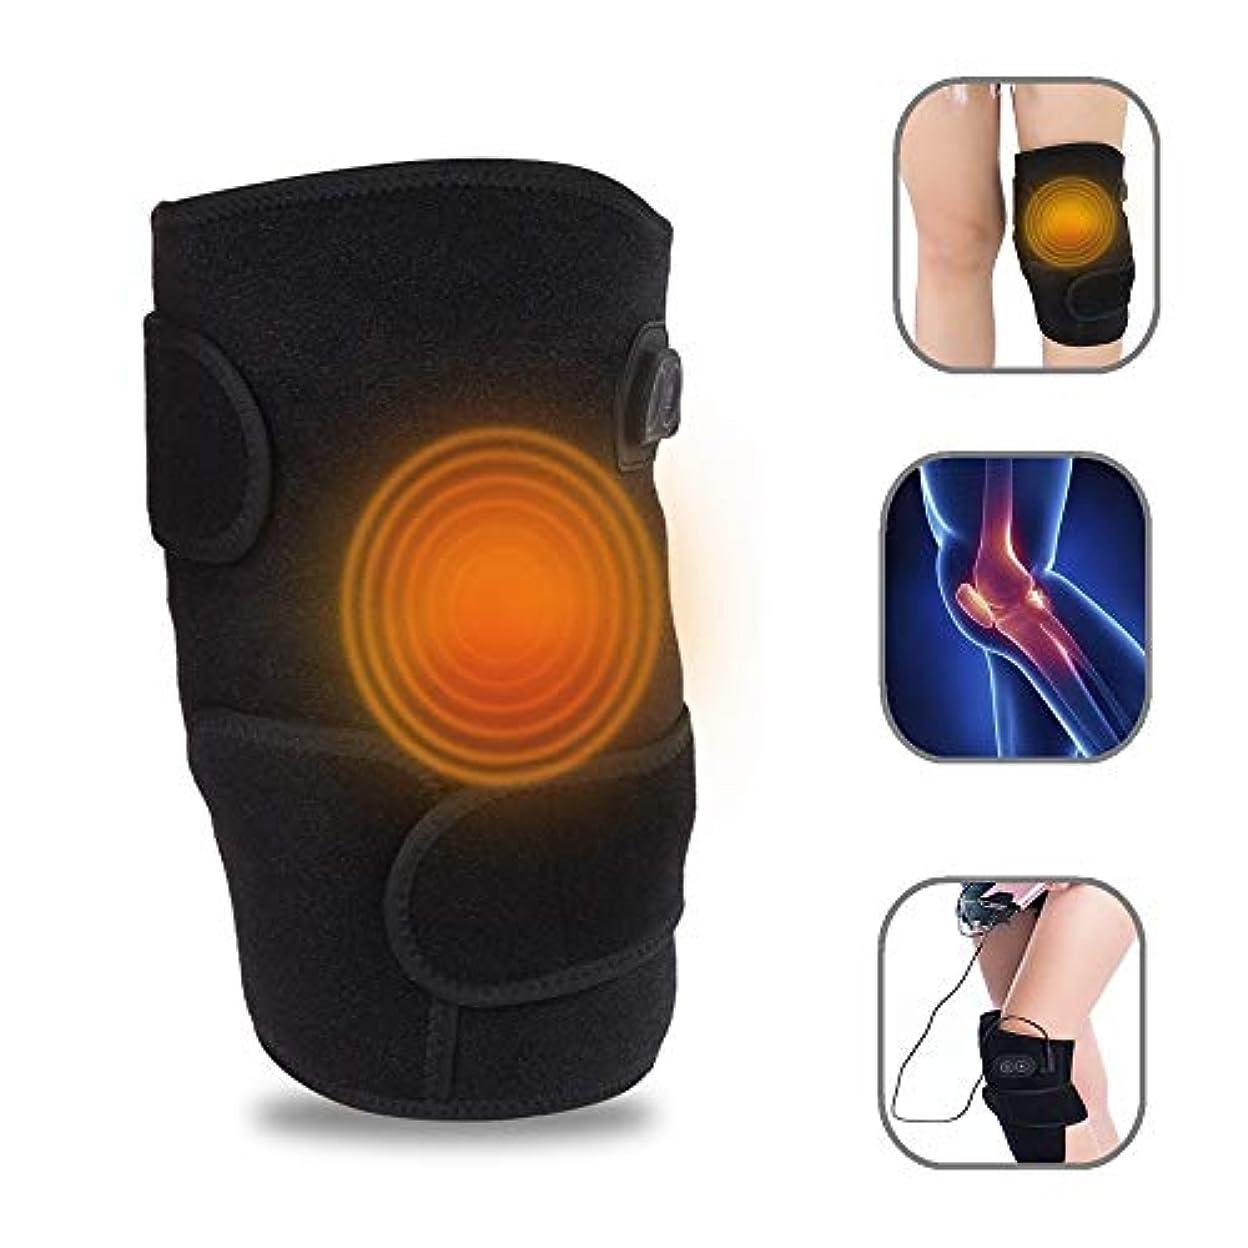 国勢調査スーツ抵当マッサージ 膝の理学療法装置、膝の振動、膝の痛みを和らげる 電熱療法、 冬の暖かさ リウマチ